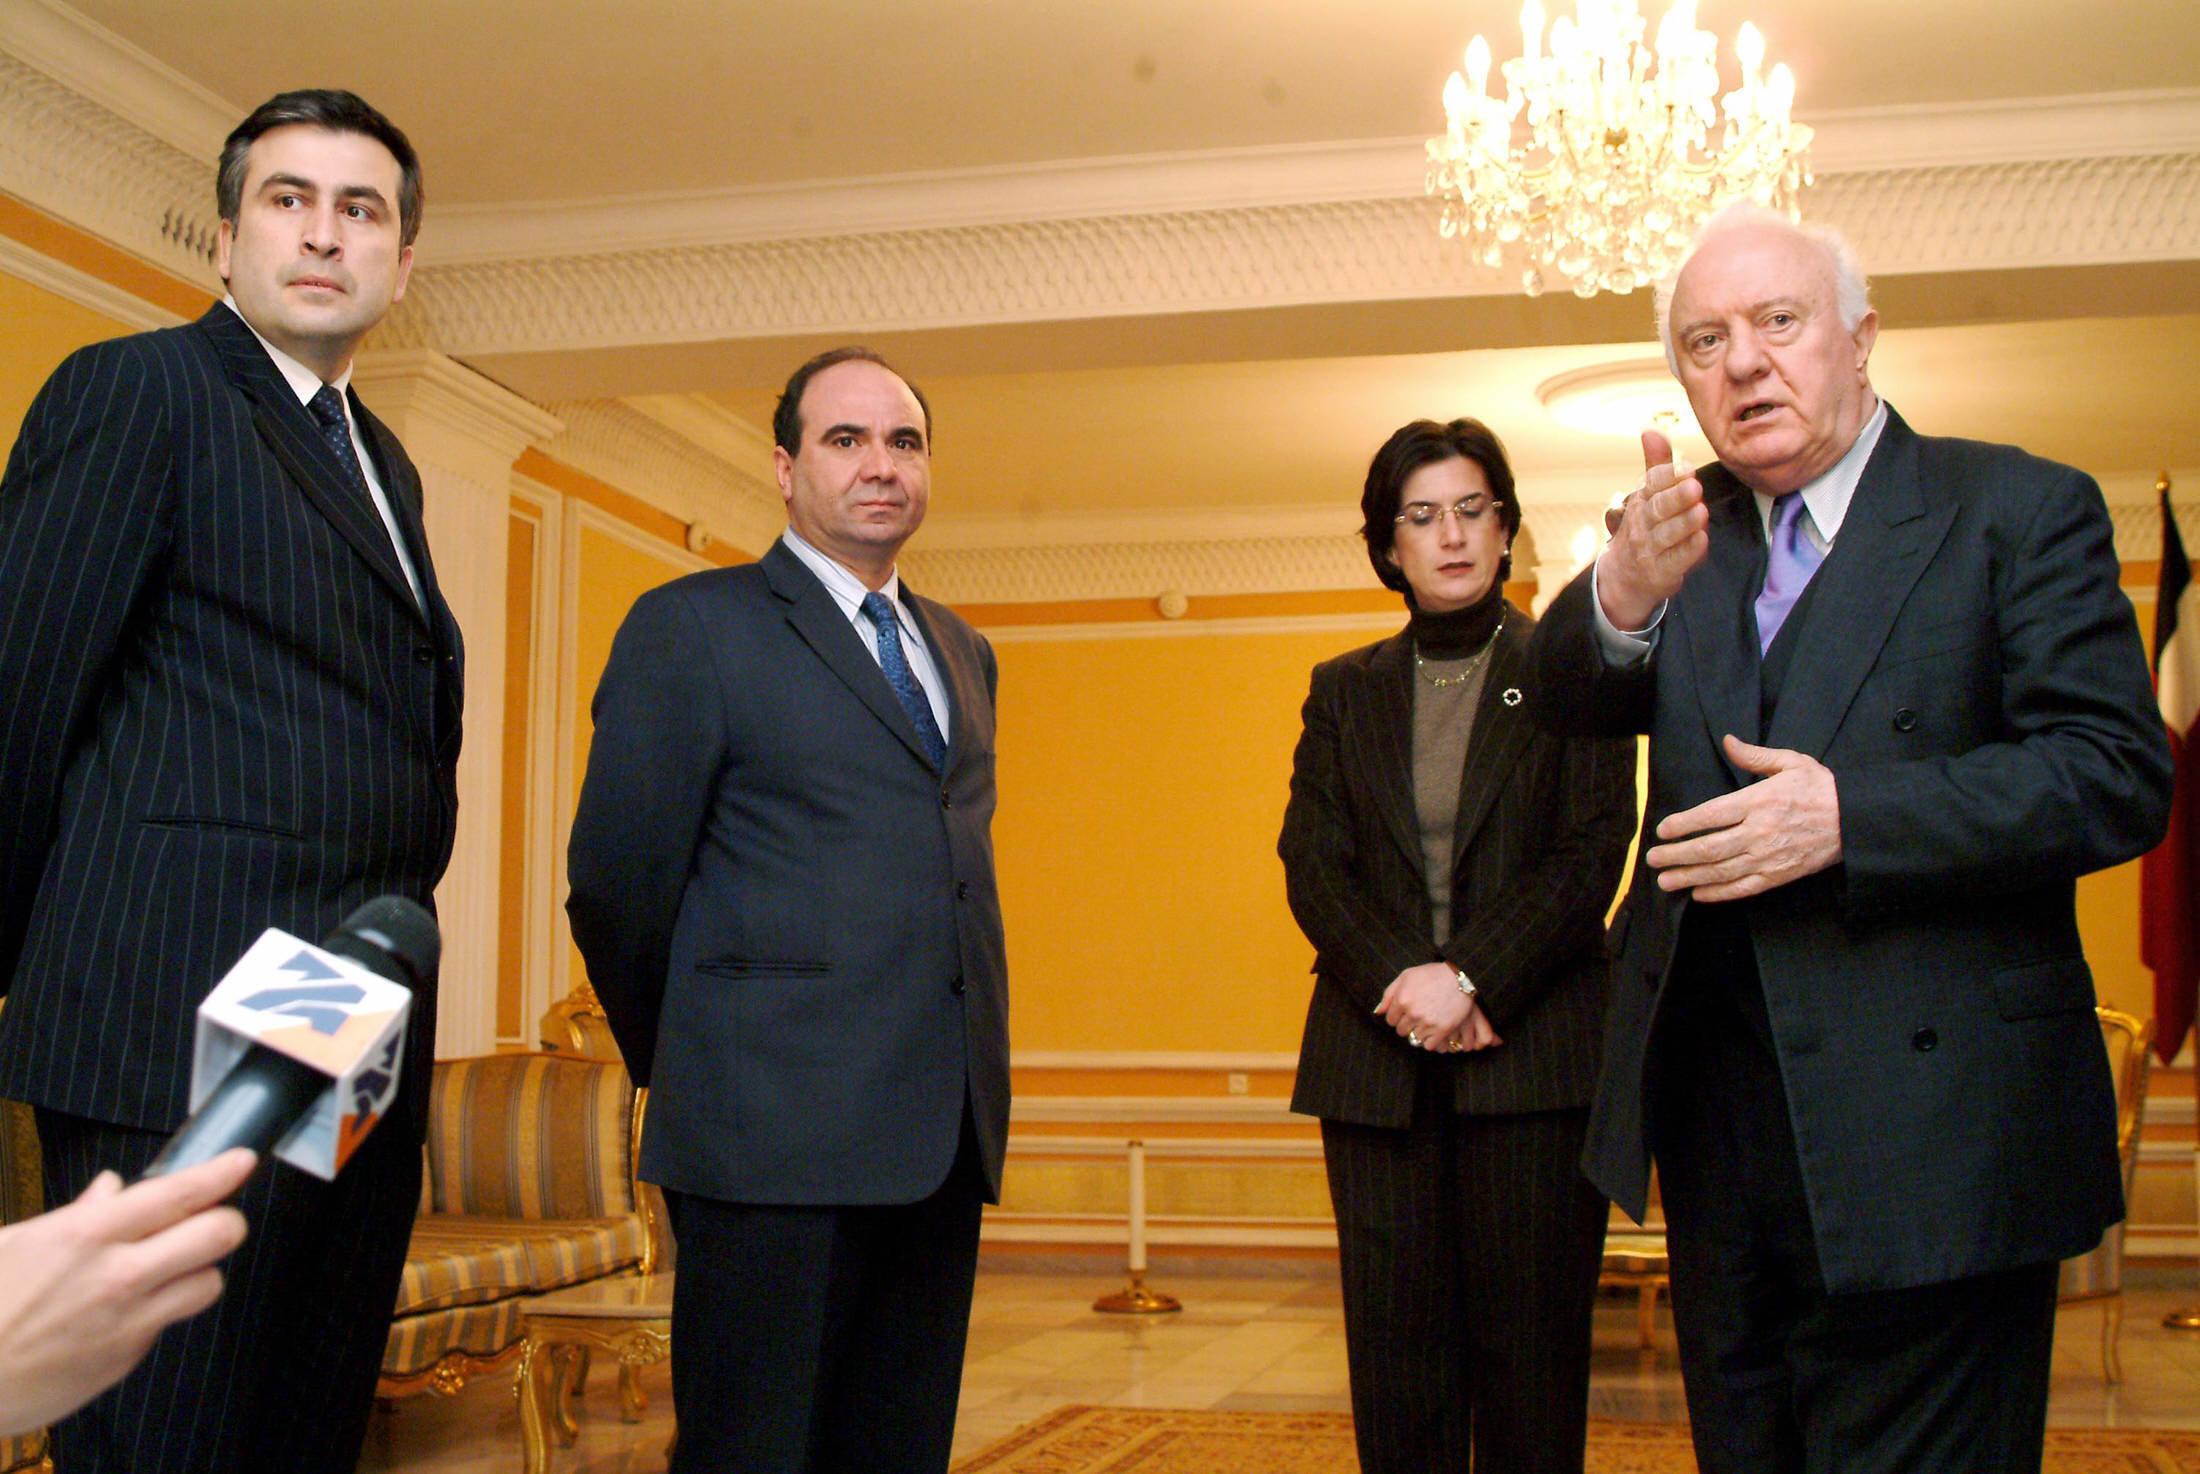 Эдуард Шеварднадзе вместе с лидерами оппозиции Михаилом Саакашвили, Зурабом Жвания и Нино Бурджанадзе, ноябрь 2003 года